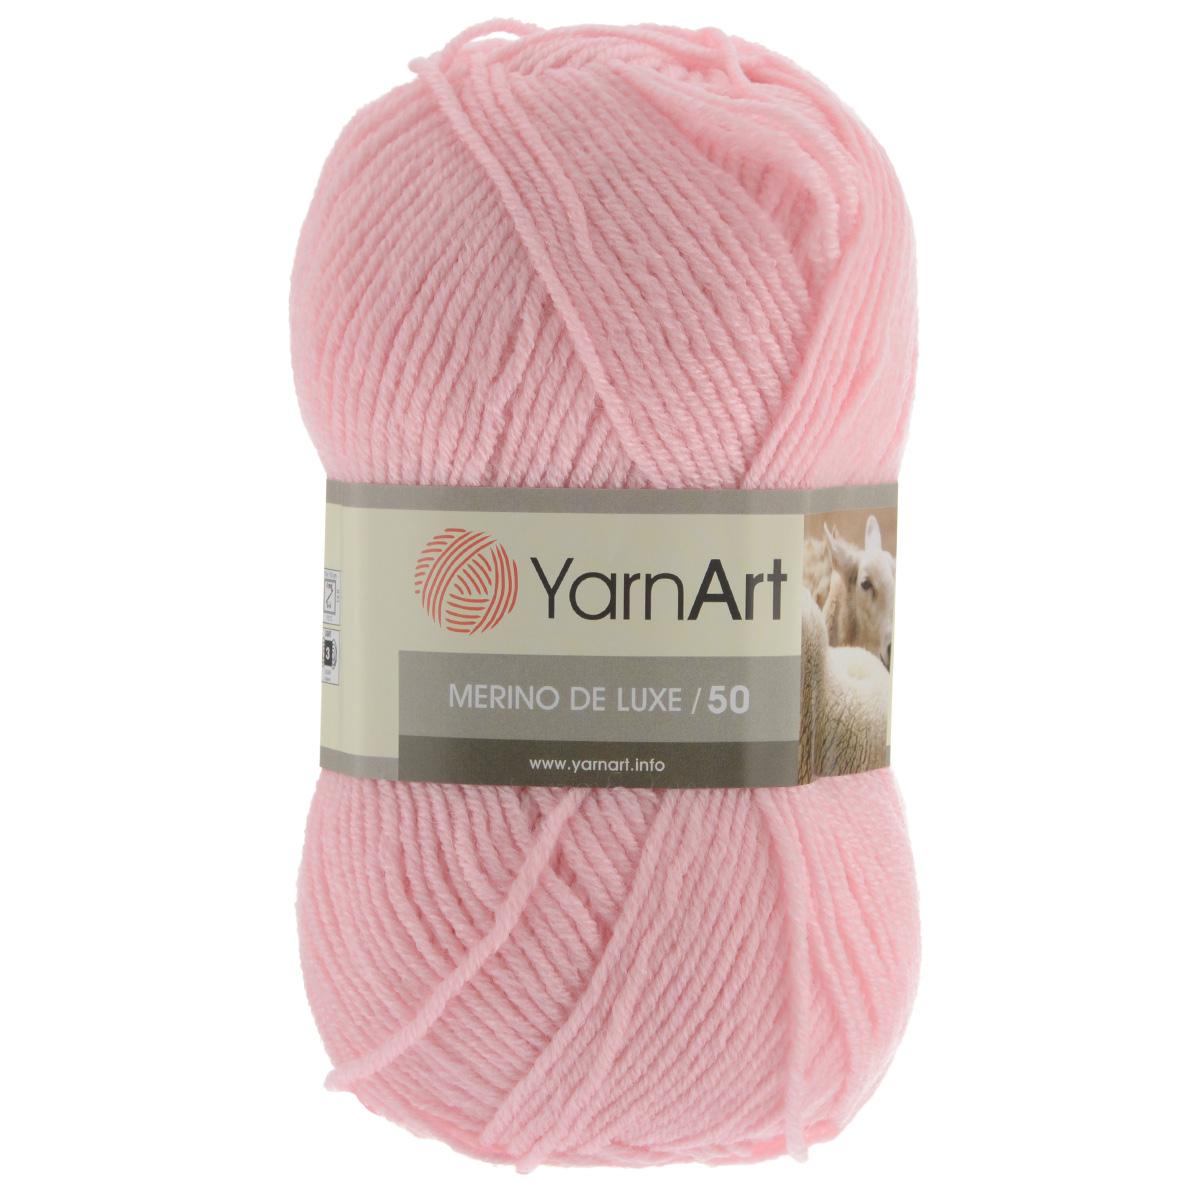 Пряжа для вязания YarnArt Merino de Lux, цвет: розовый (217), 280 м, 100 г, 5 шт372049_217Классическая пряжа для вязания YarnArt  Merino de Lux изготовлена из шерсти и акрила. Пряжа очень мягкая и приятная на ощупь. Теплая, уютная, эта пряжа идеально подходит для вязки демисезонных вещей. Шапочки, шарфы, снуды, свитера, жилеты вяжутся из этой пряжи быстро и легко. Изделия приятны в носке и долго не теряют форму после ручной стирки. Рекомендуются спицы 3,5 мм, крючок 4 мм. Состав: 49% шерсть, 51% акрил.